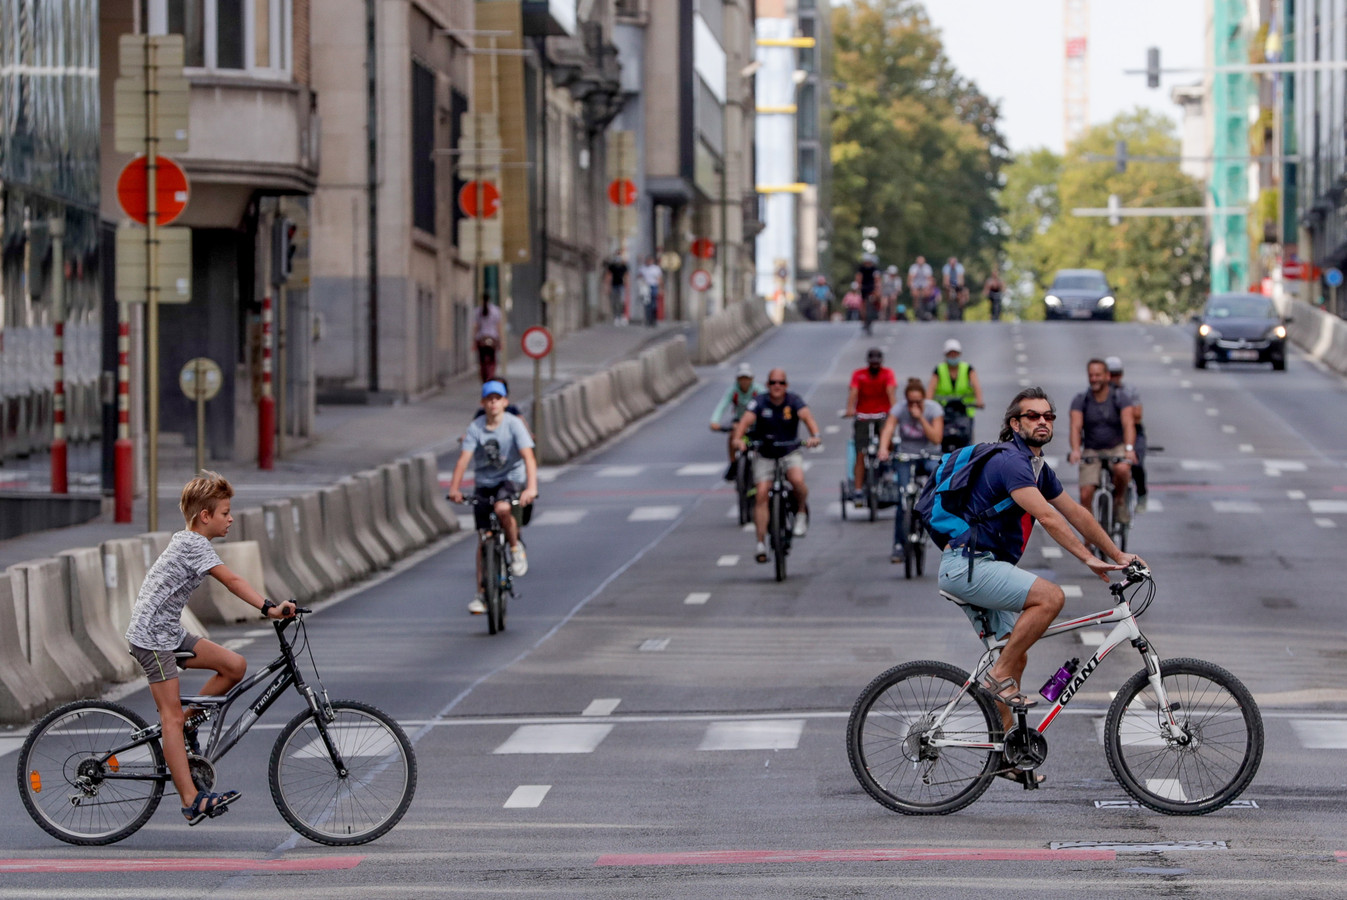 Des cyclistes lors de la journée sans voiture à Bruxelles, édition 2019.